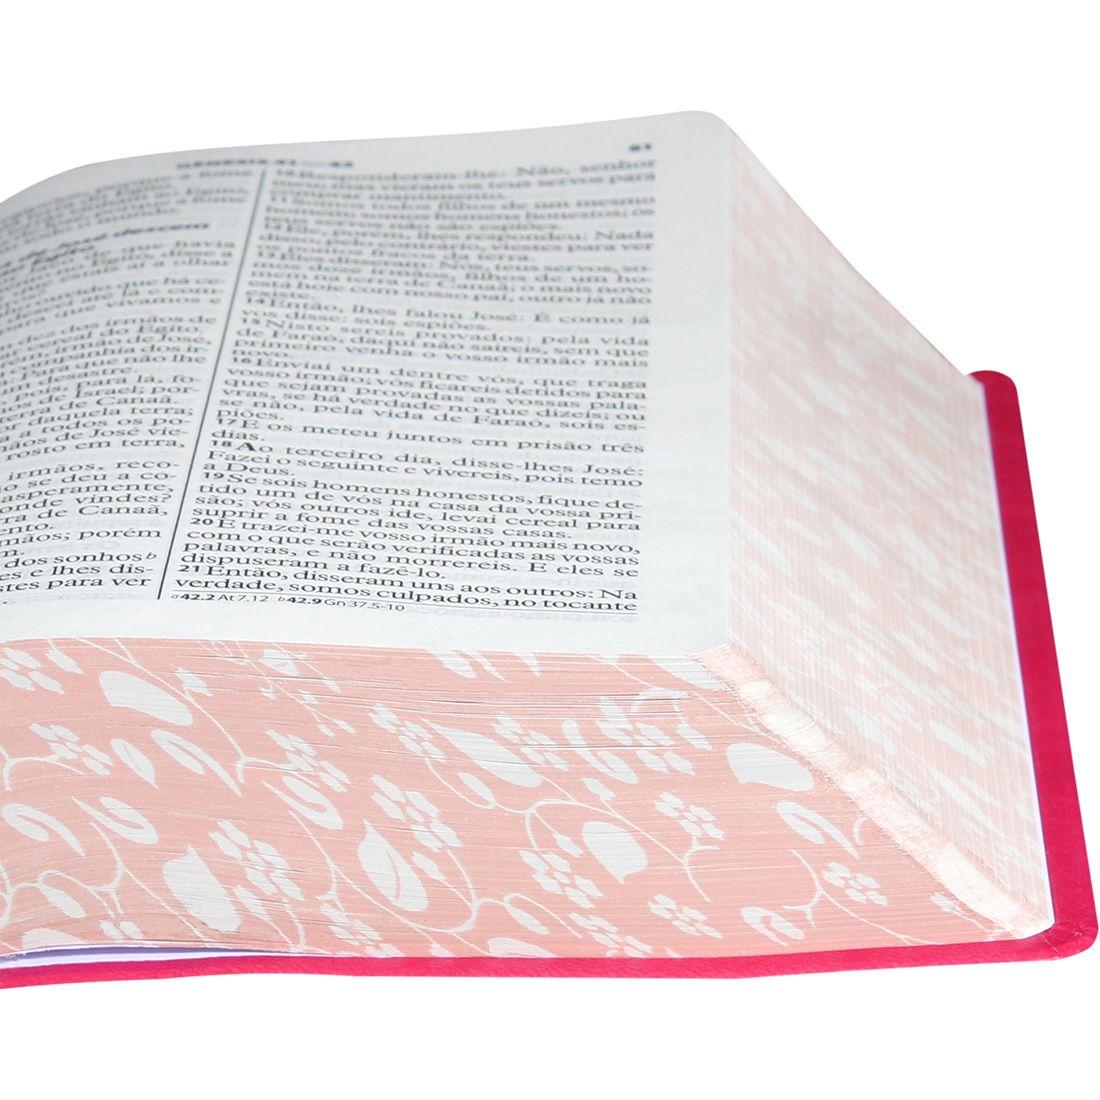 Bíblia Sagrada Letra Gigante / Pink  Folhas - (ARA)  - Universo Bíblico Rs